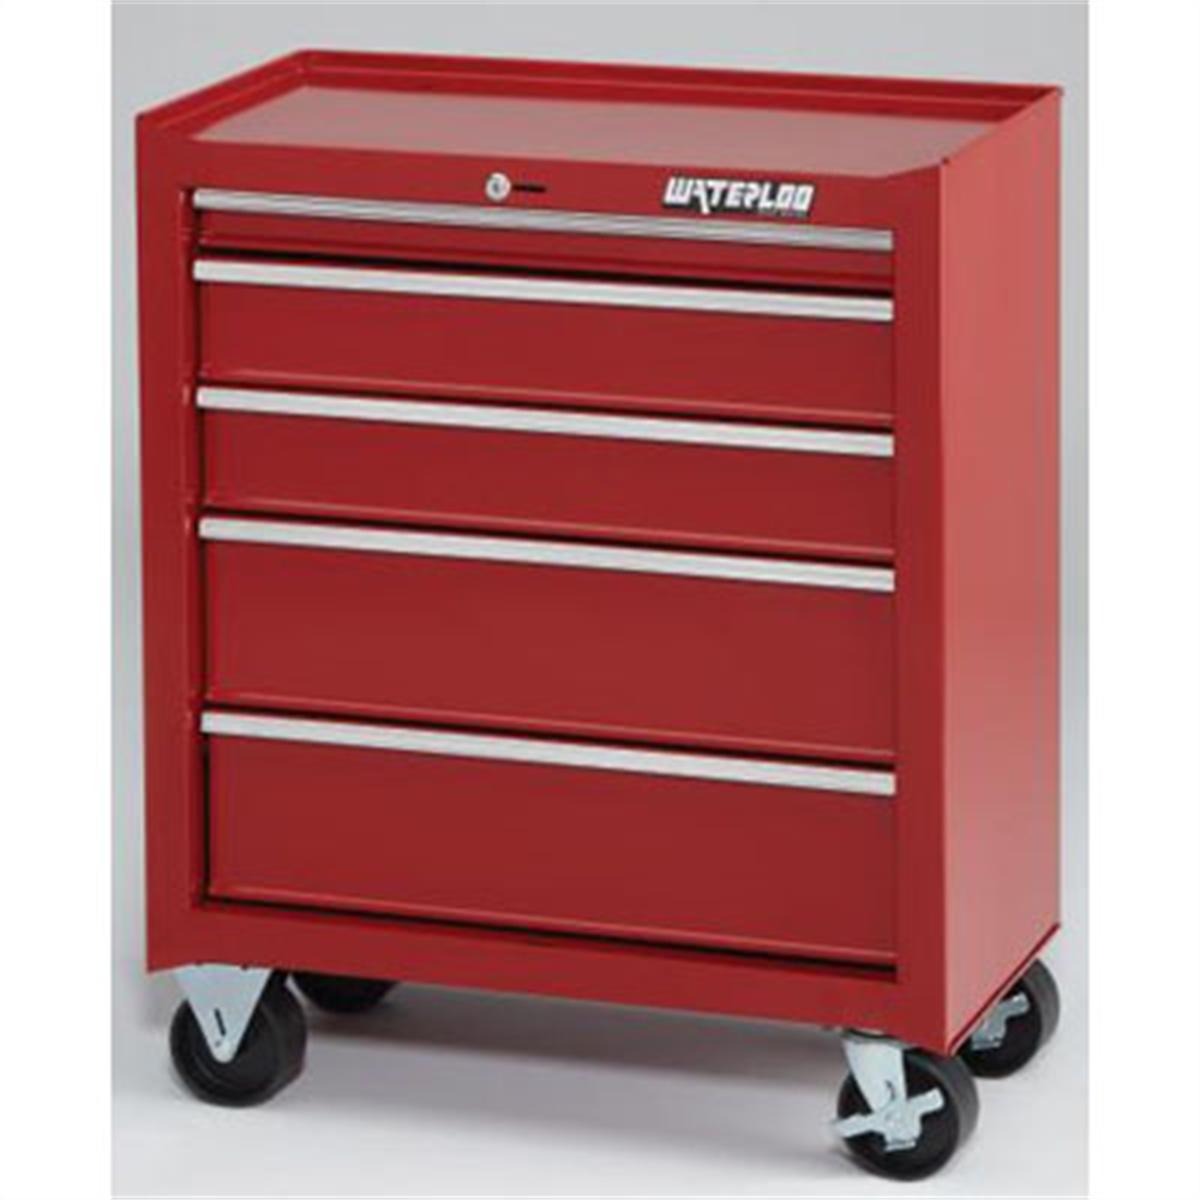 Waterloo Shop Series 26 in. Red 5 Drawer Cabinet by Waterloo